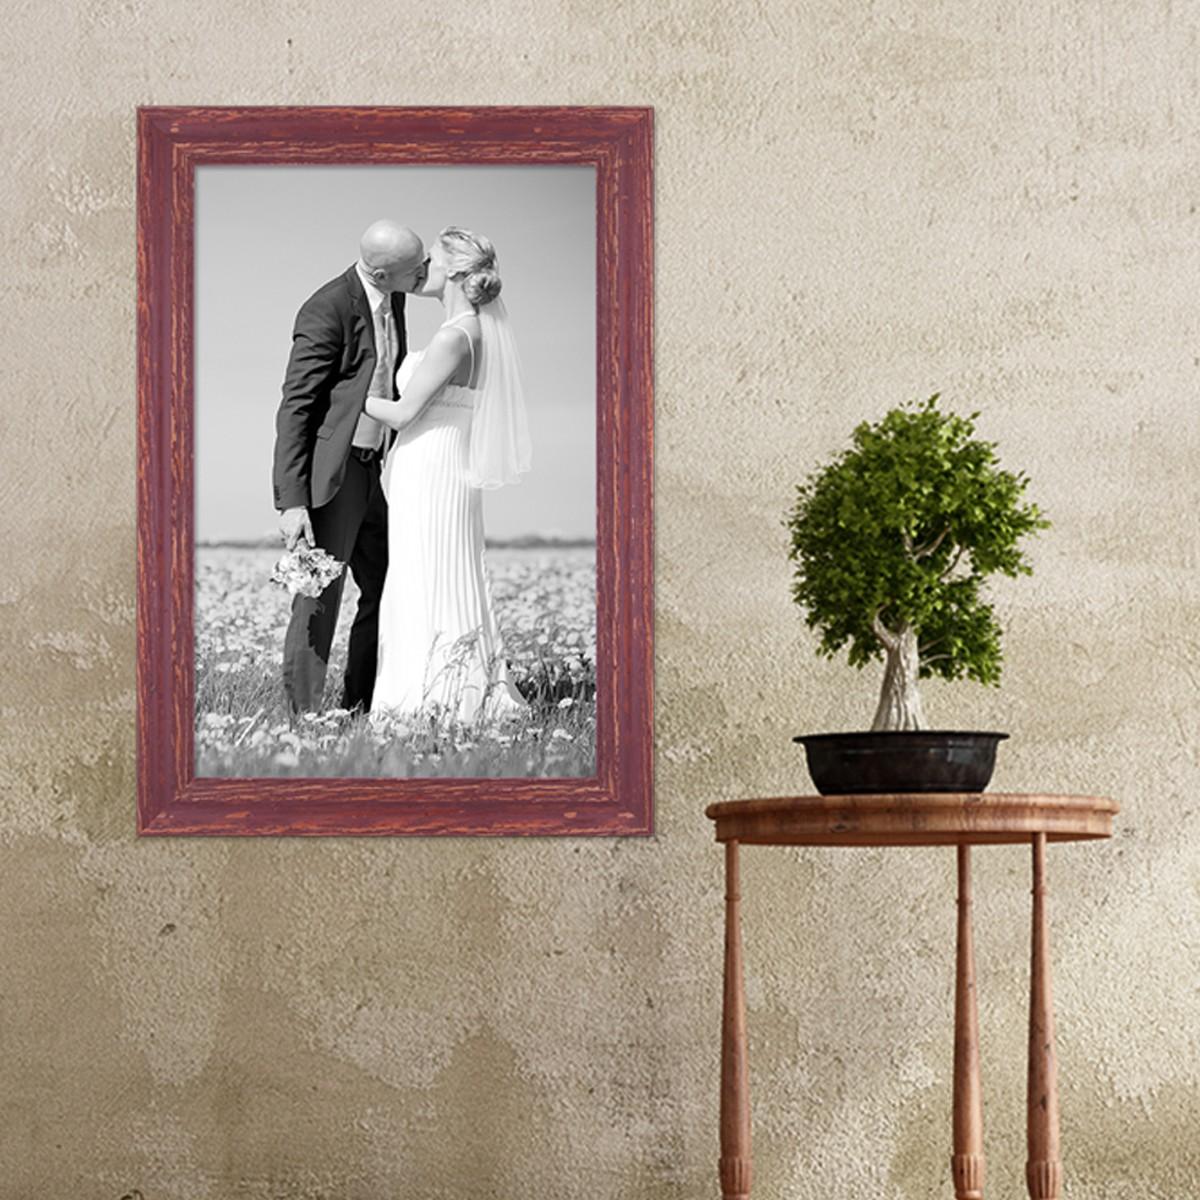 vintage bilderrahmen 30x45 cm holz rot braun shabby chic massivholz mit glasscheibe und zubeh r. Black Bedroom Furniture Sets. Home Design Ideas